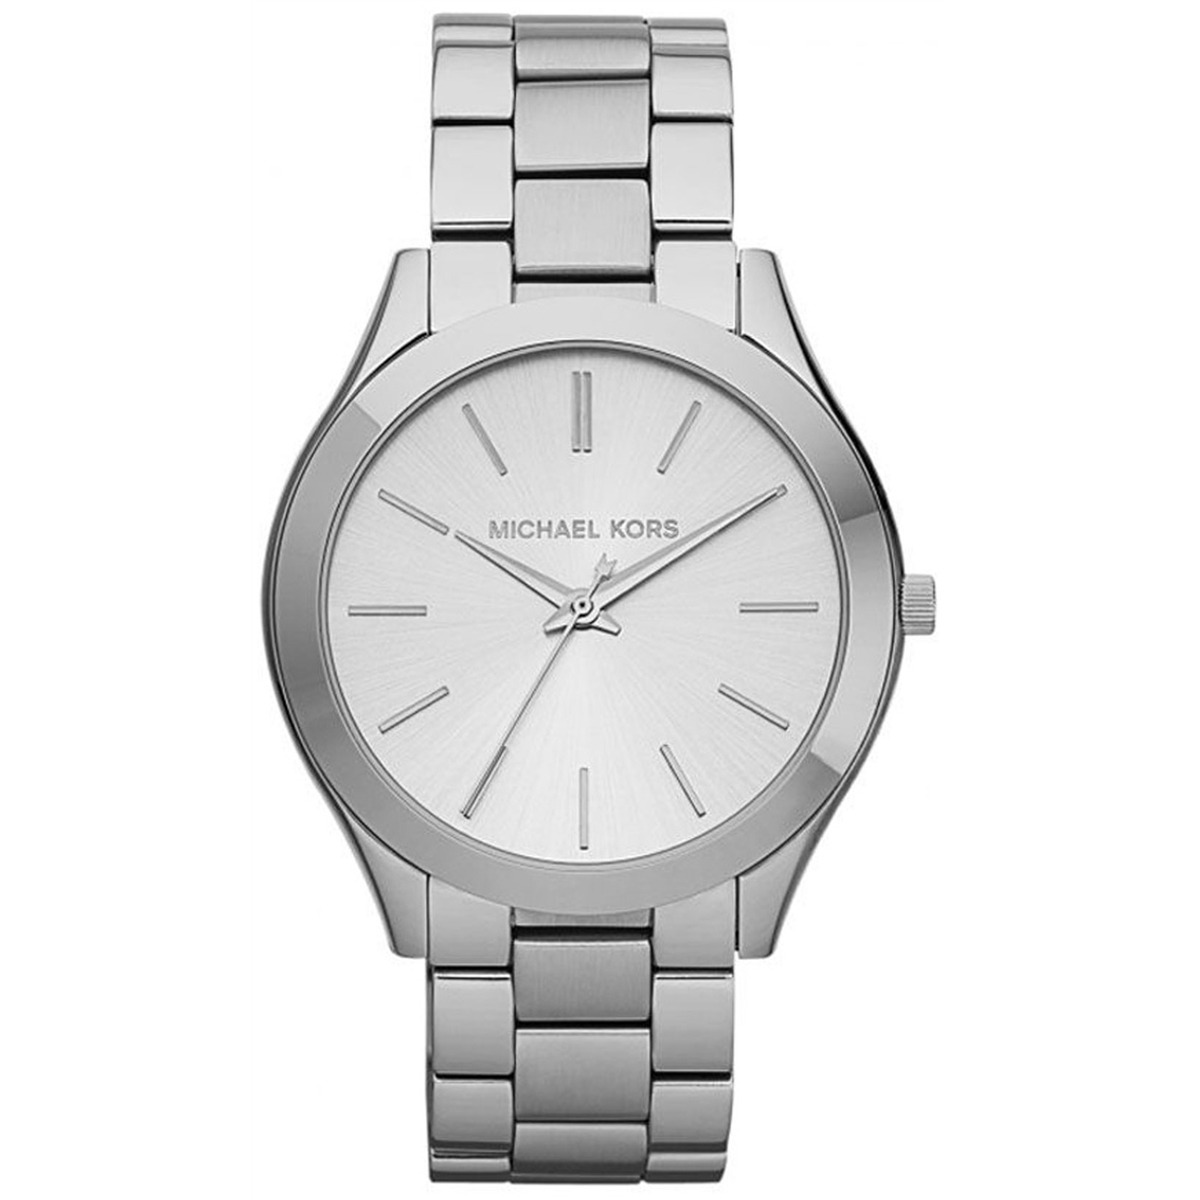 d280473c565b1 relógio michael kors feminino aço prata mk3178 1kn original. Carregando  zoom.